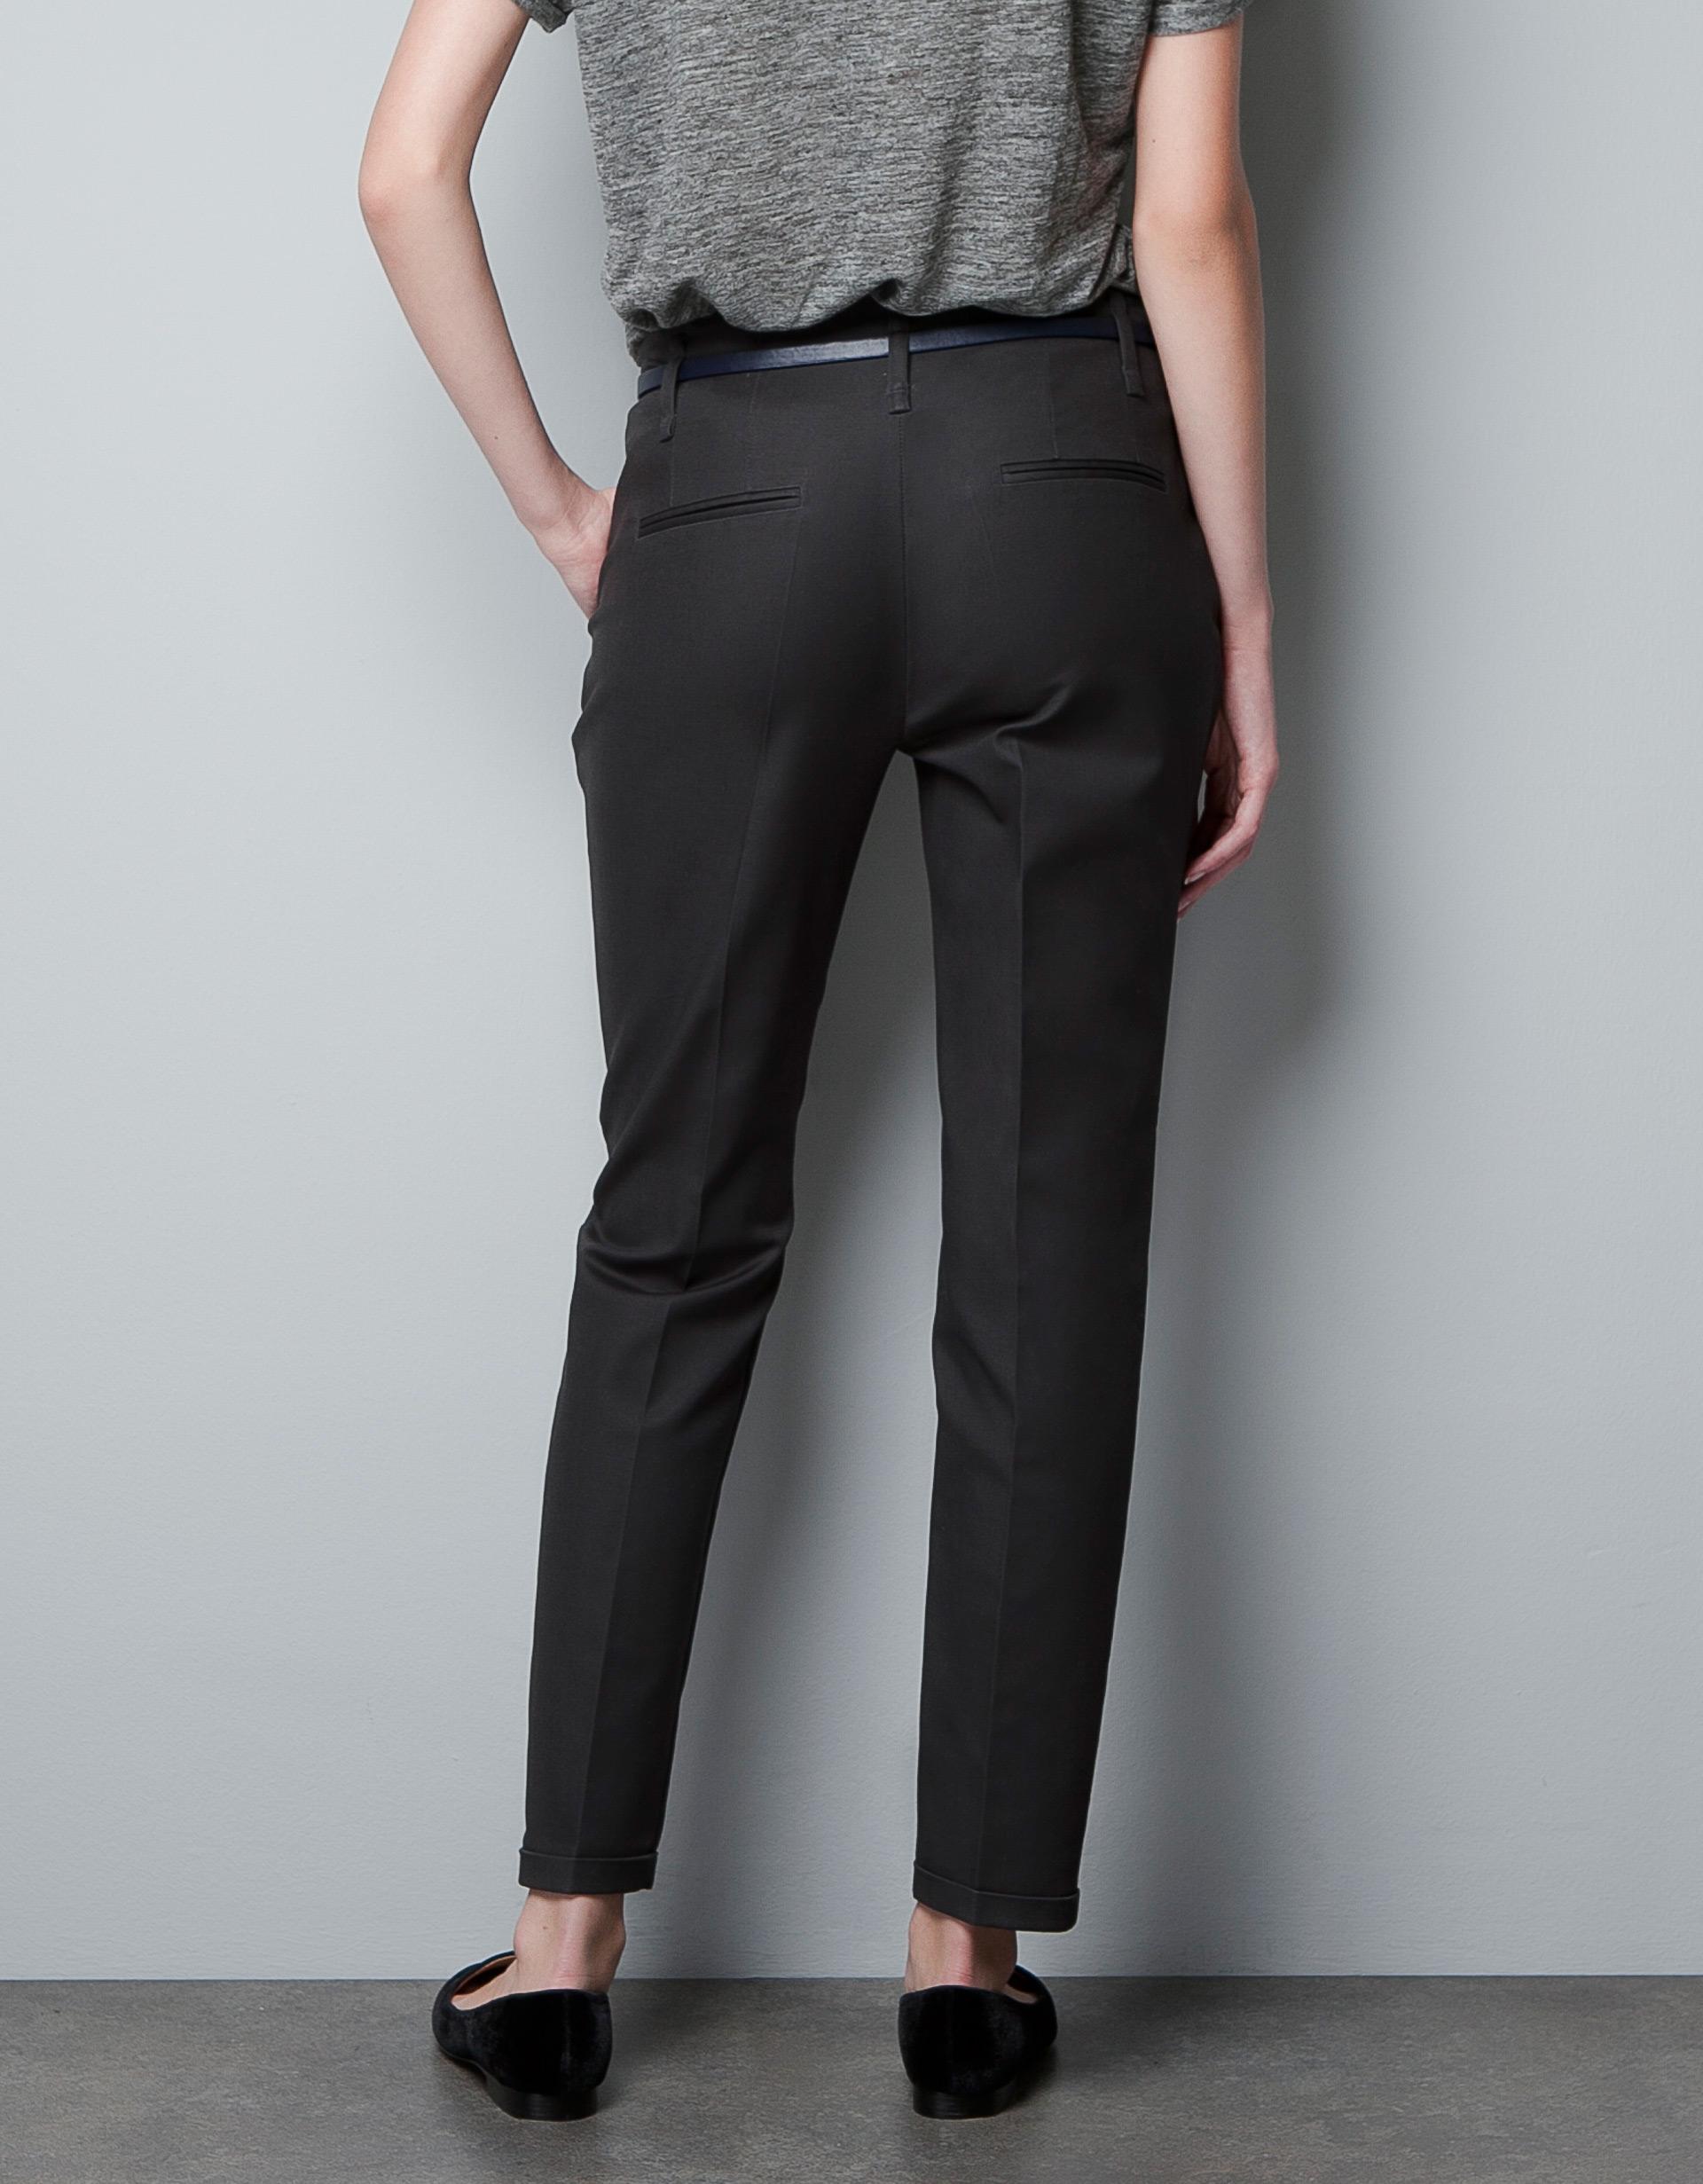 Excellent Zara Jogging Pants In Black  Lyst